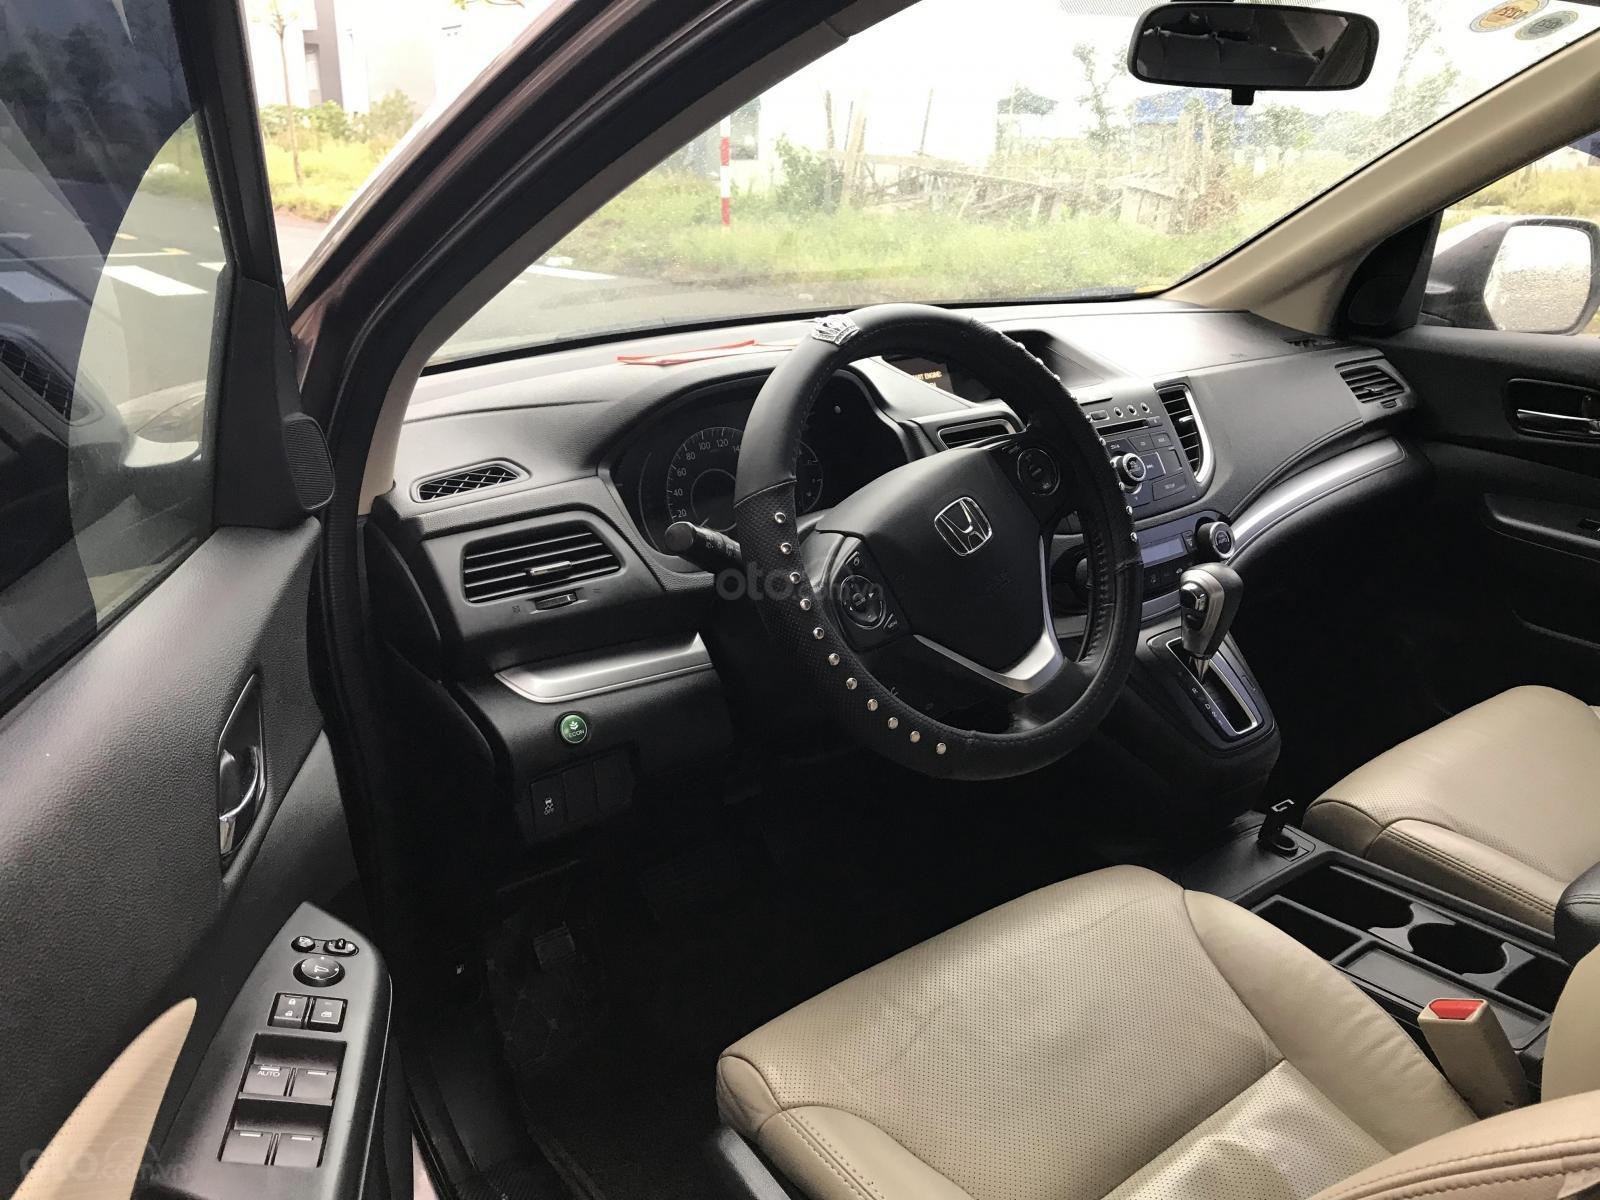 Honda CRV 2015, số tự động 2.0, 5 chỗ ngồi, xe tư nhân - Quang Tiệp 0865.567.369 (4)